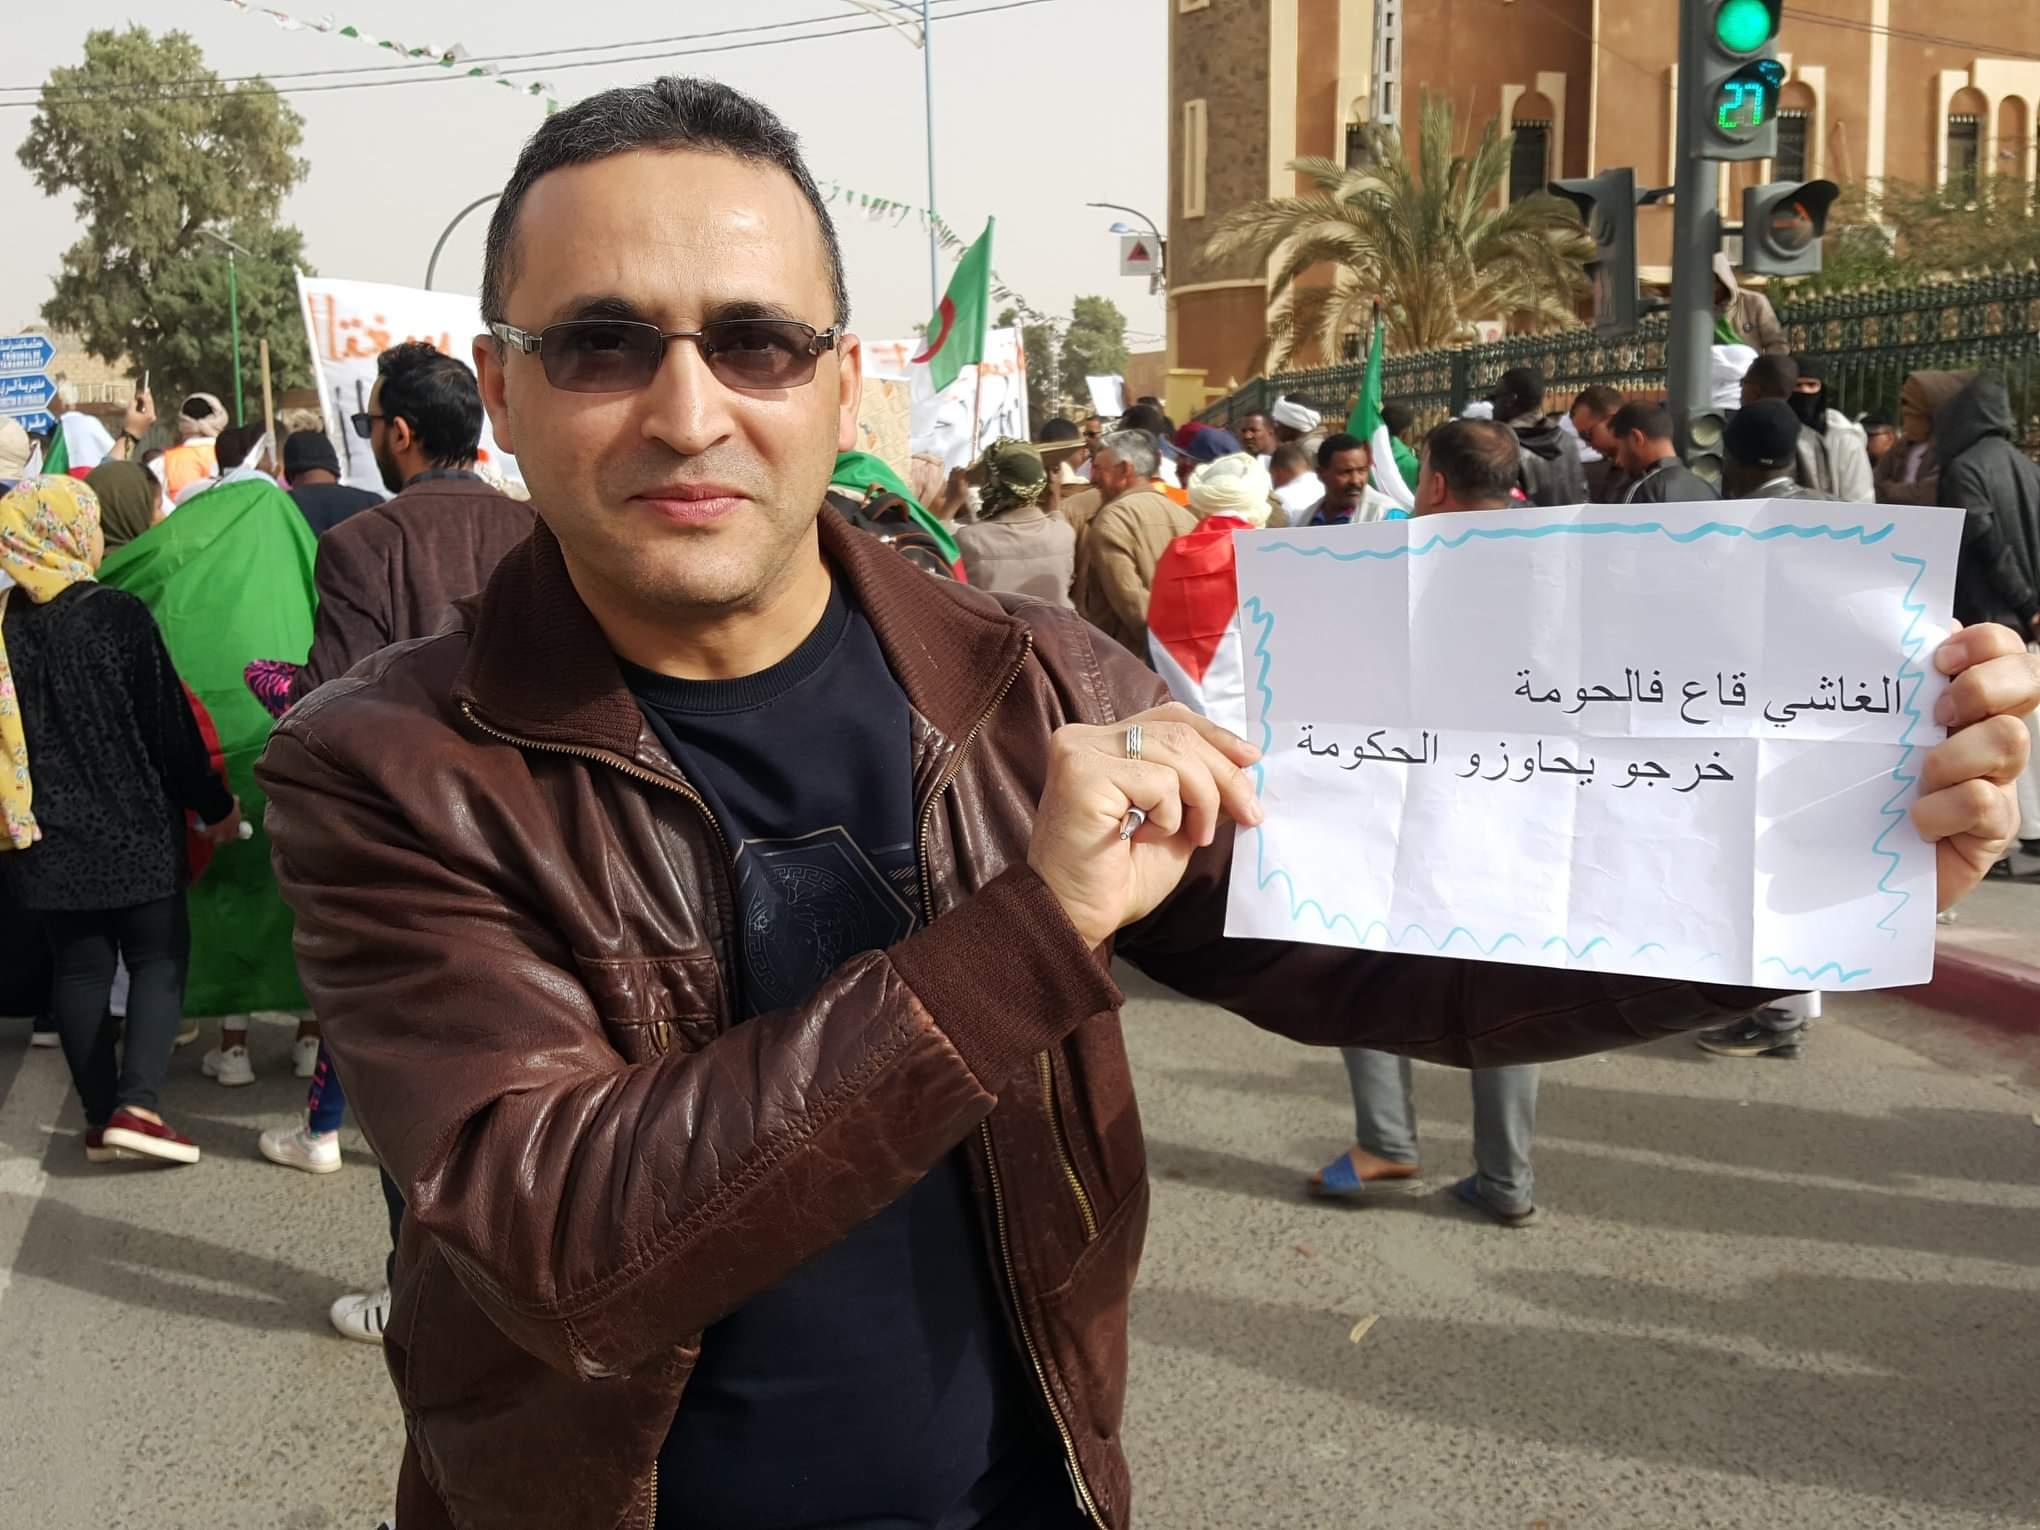 الجزائر: ايداع صحفي آخر السّجن بسبب مقالات إعلامية